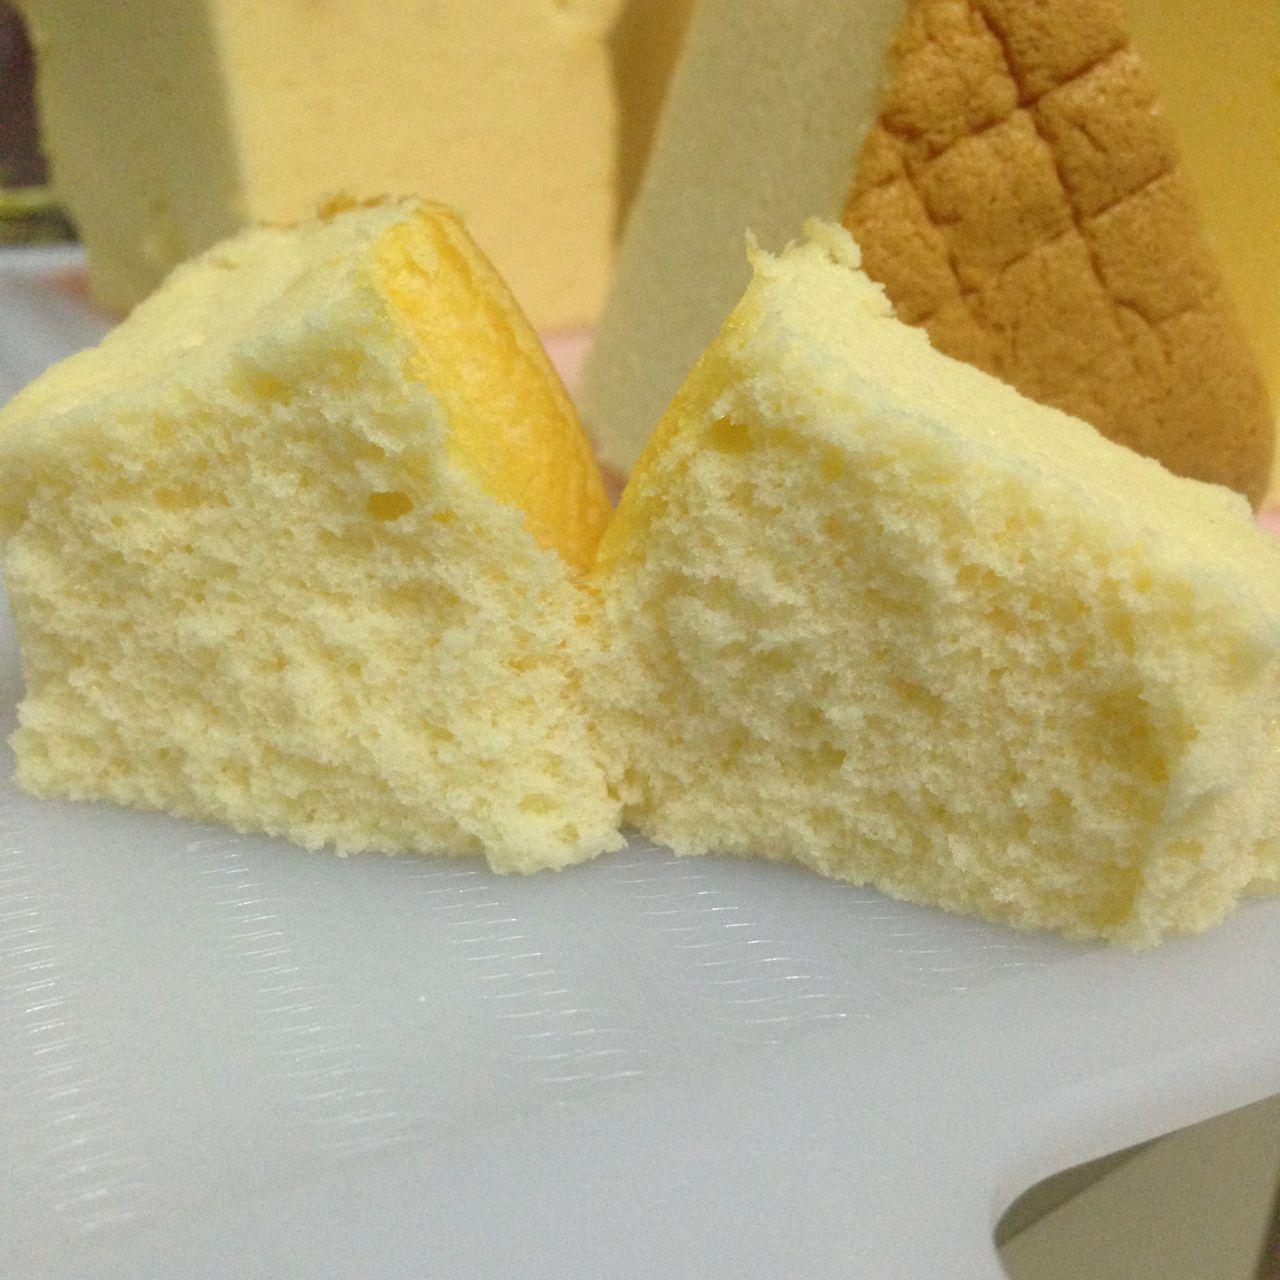 Condensed Milk Sponge Cake Milk Sponge Cake Recipe Condensed Milk Recipes Sponge Cake Recipes